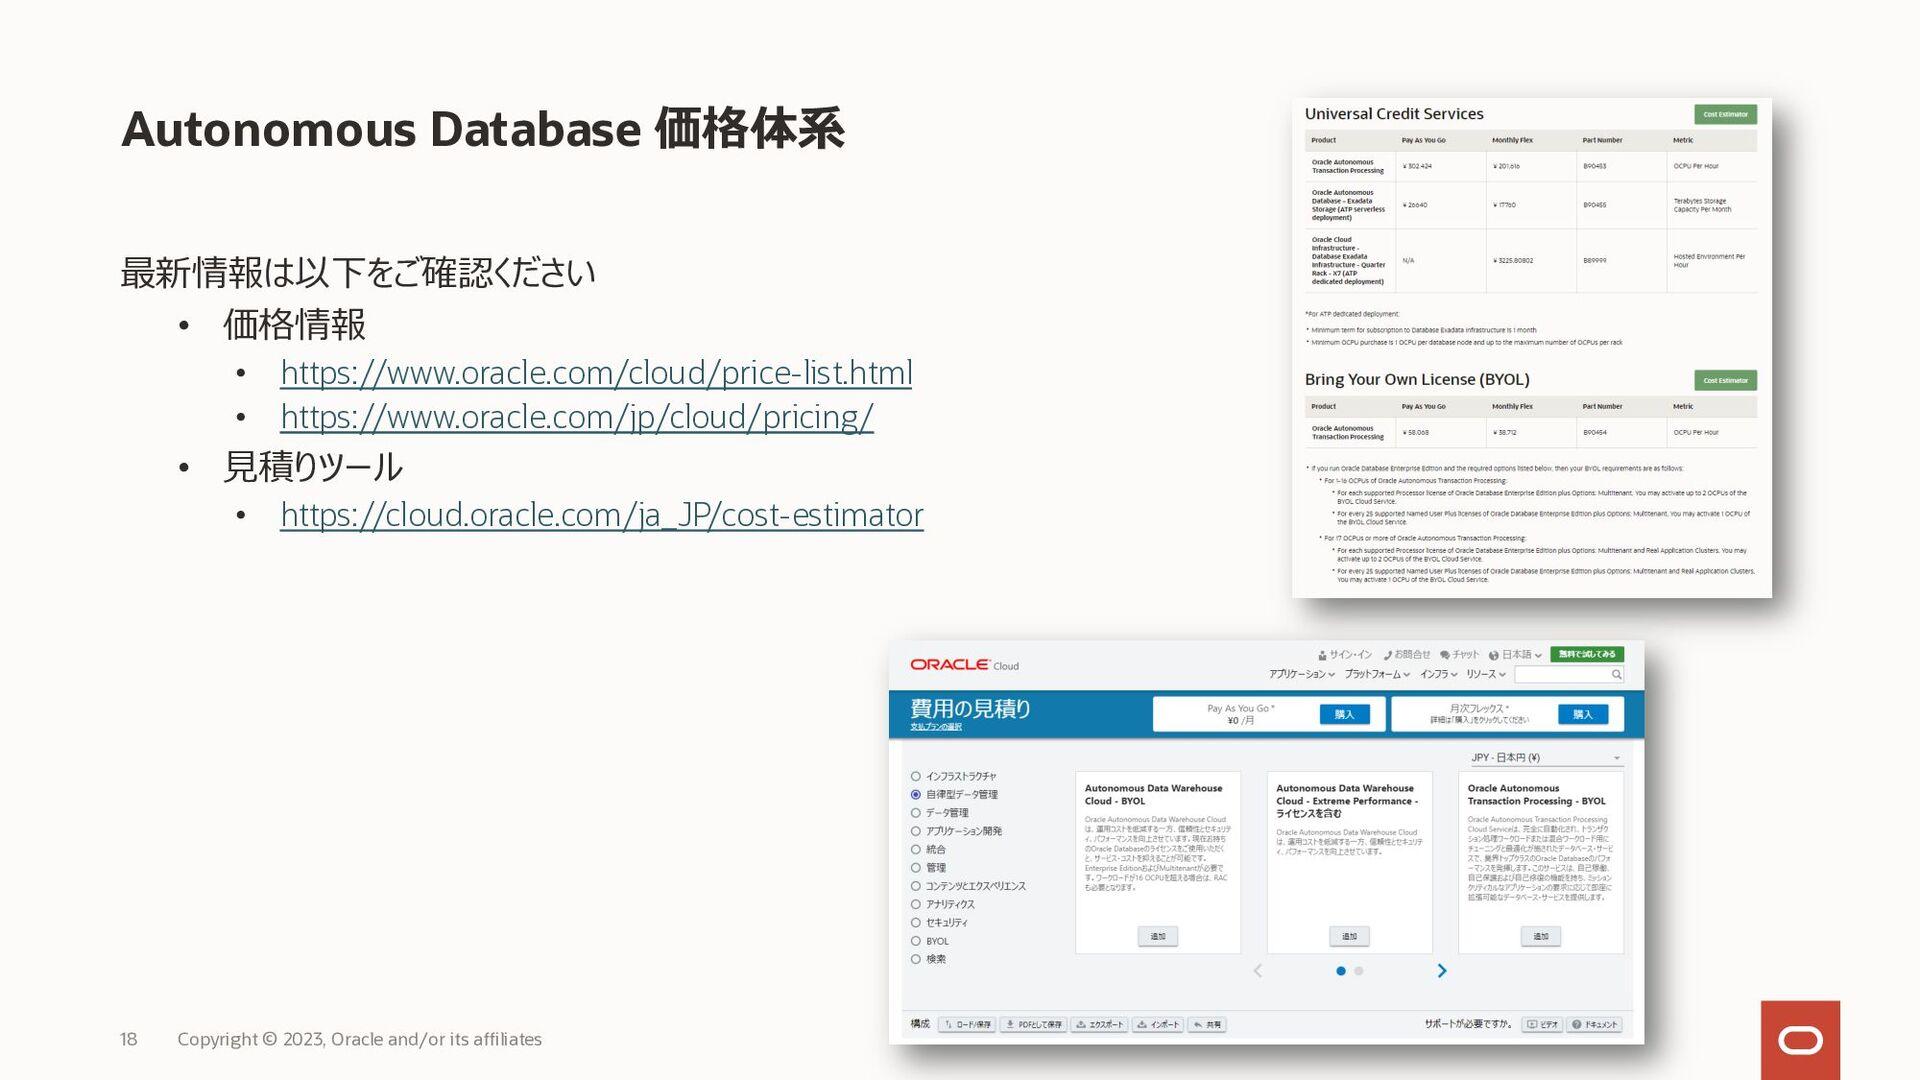 Autonomous Database 完全な自動化によるデータ管理の効率化/コストの削減 C...